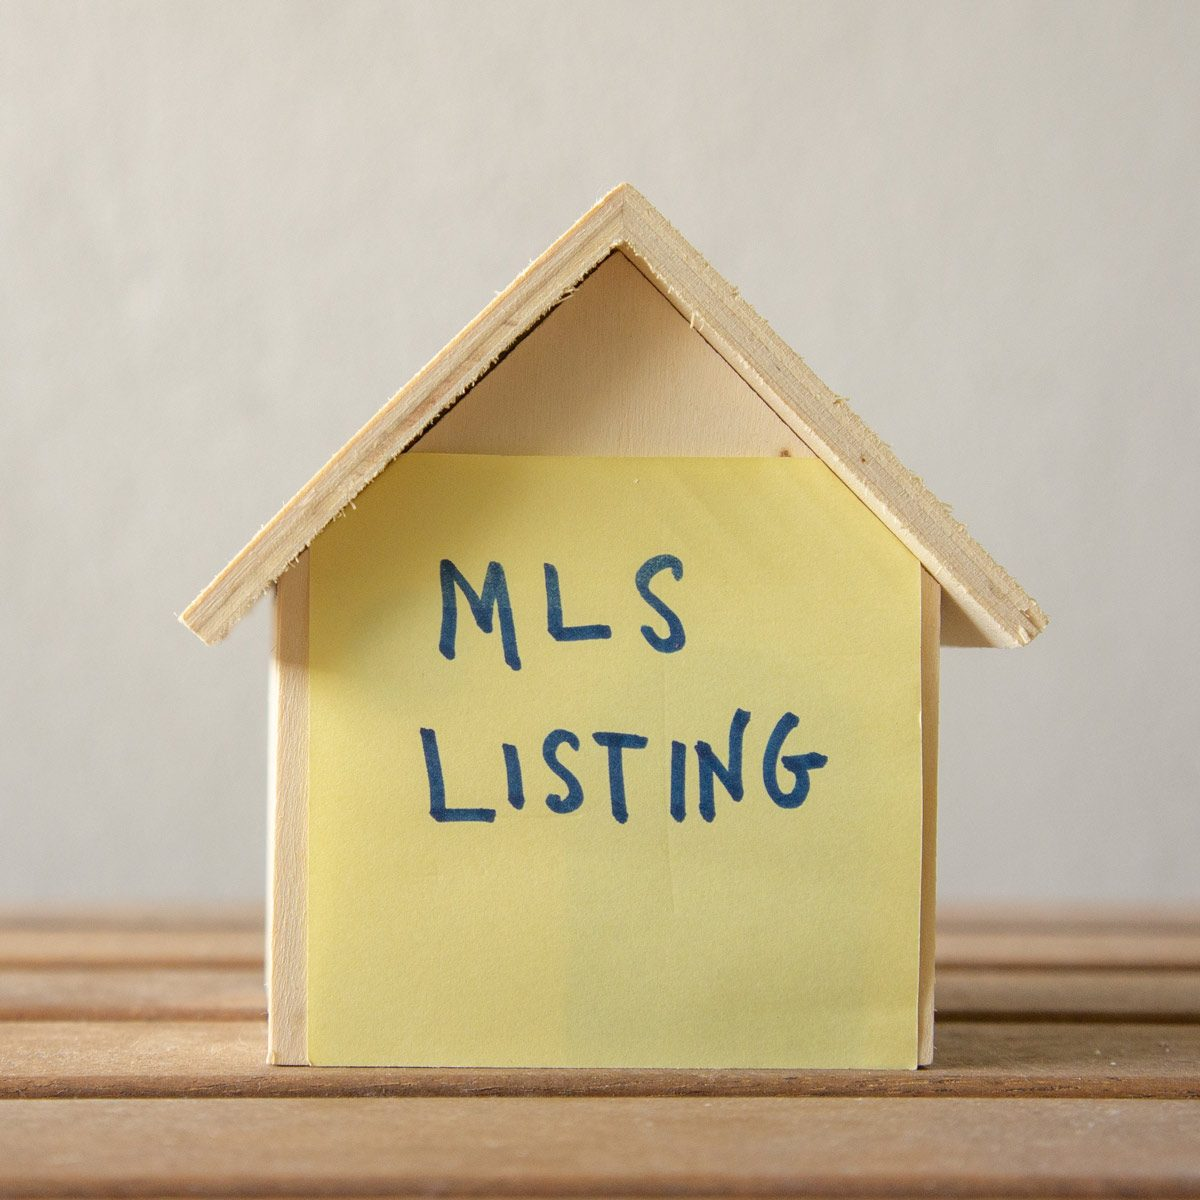 MLS-listing